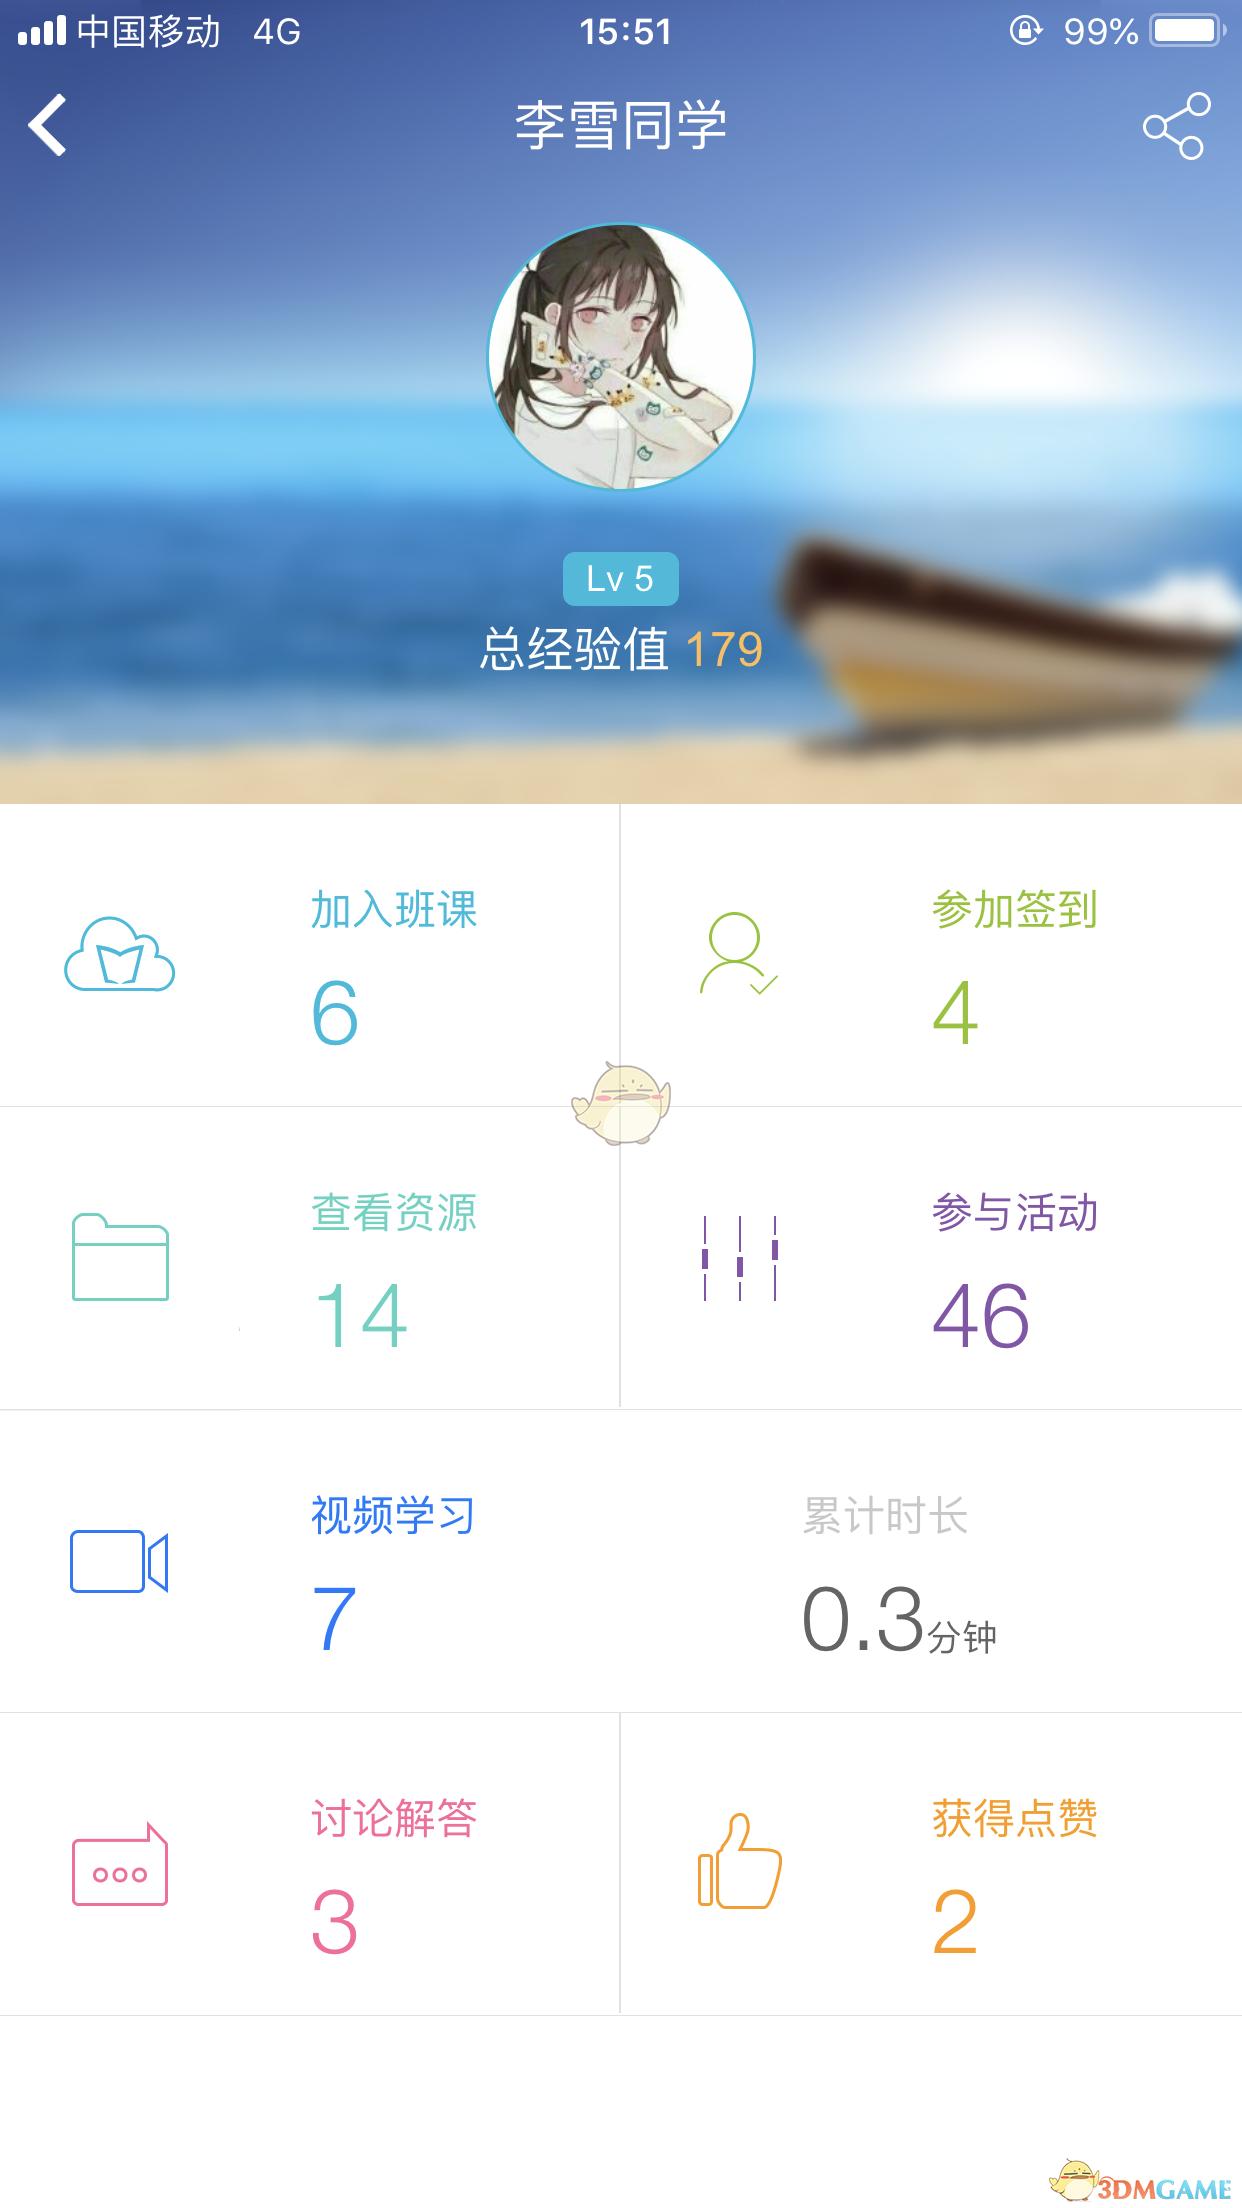 云班课app怎么删除已经提交的作业